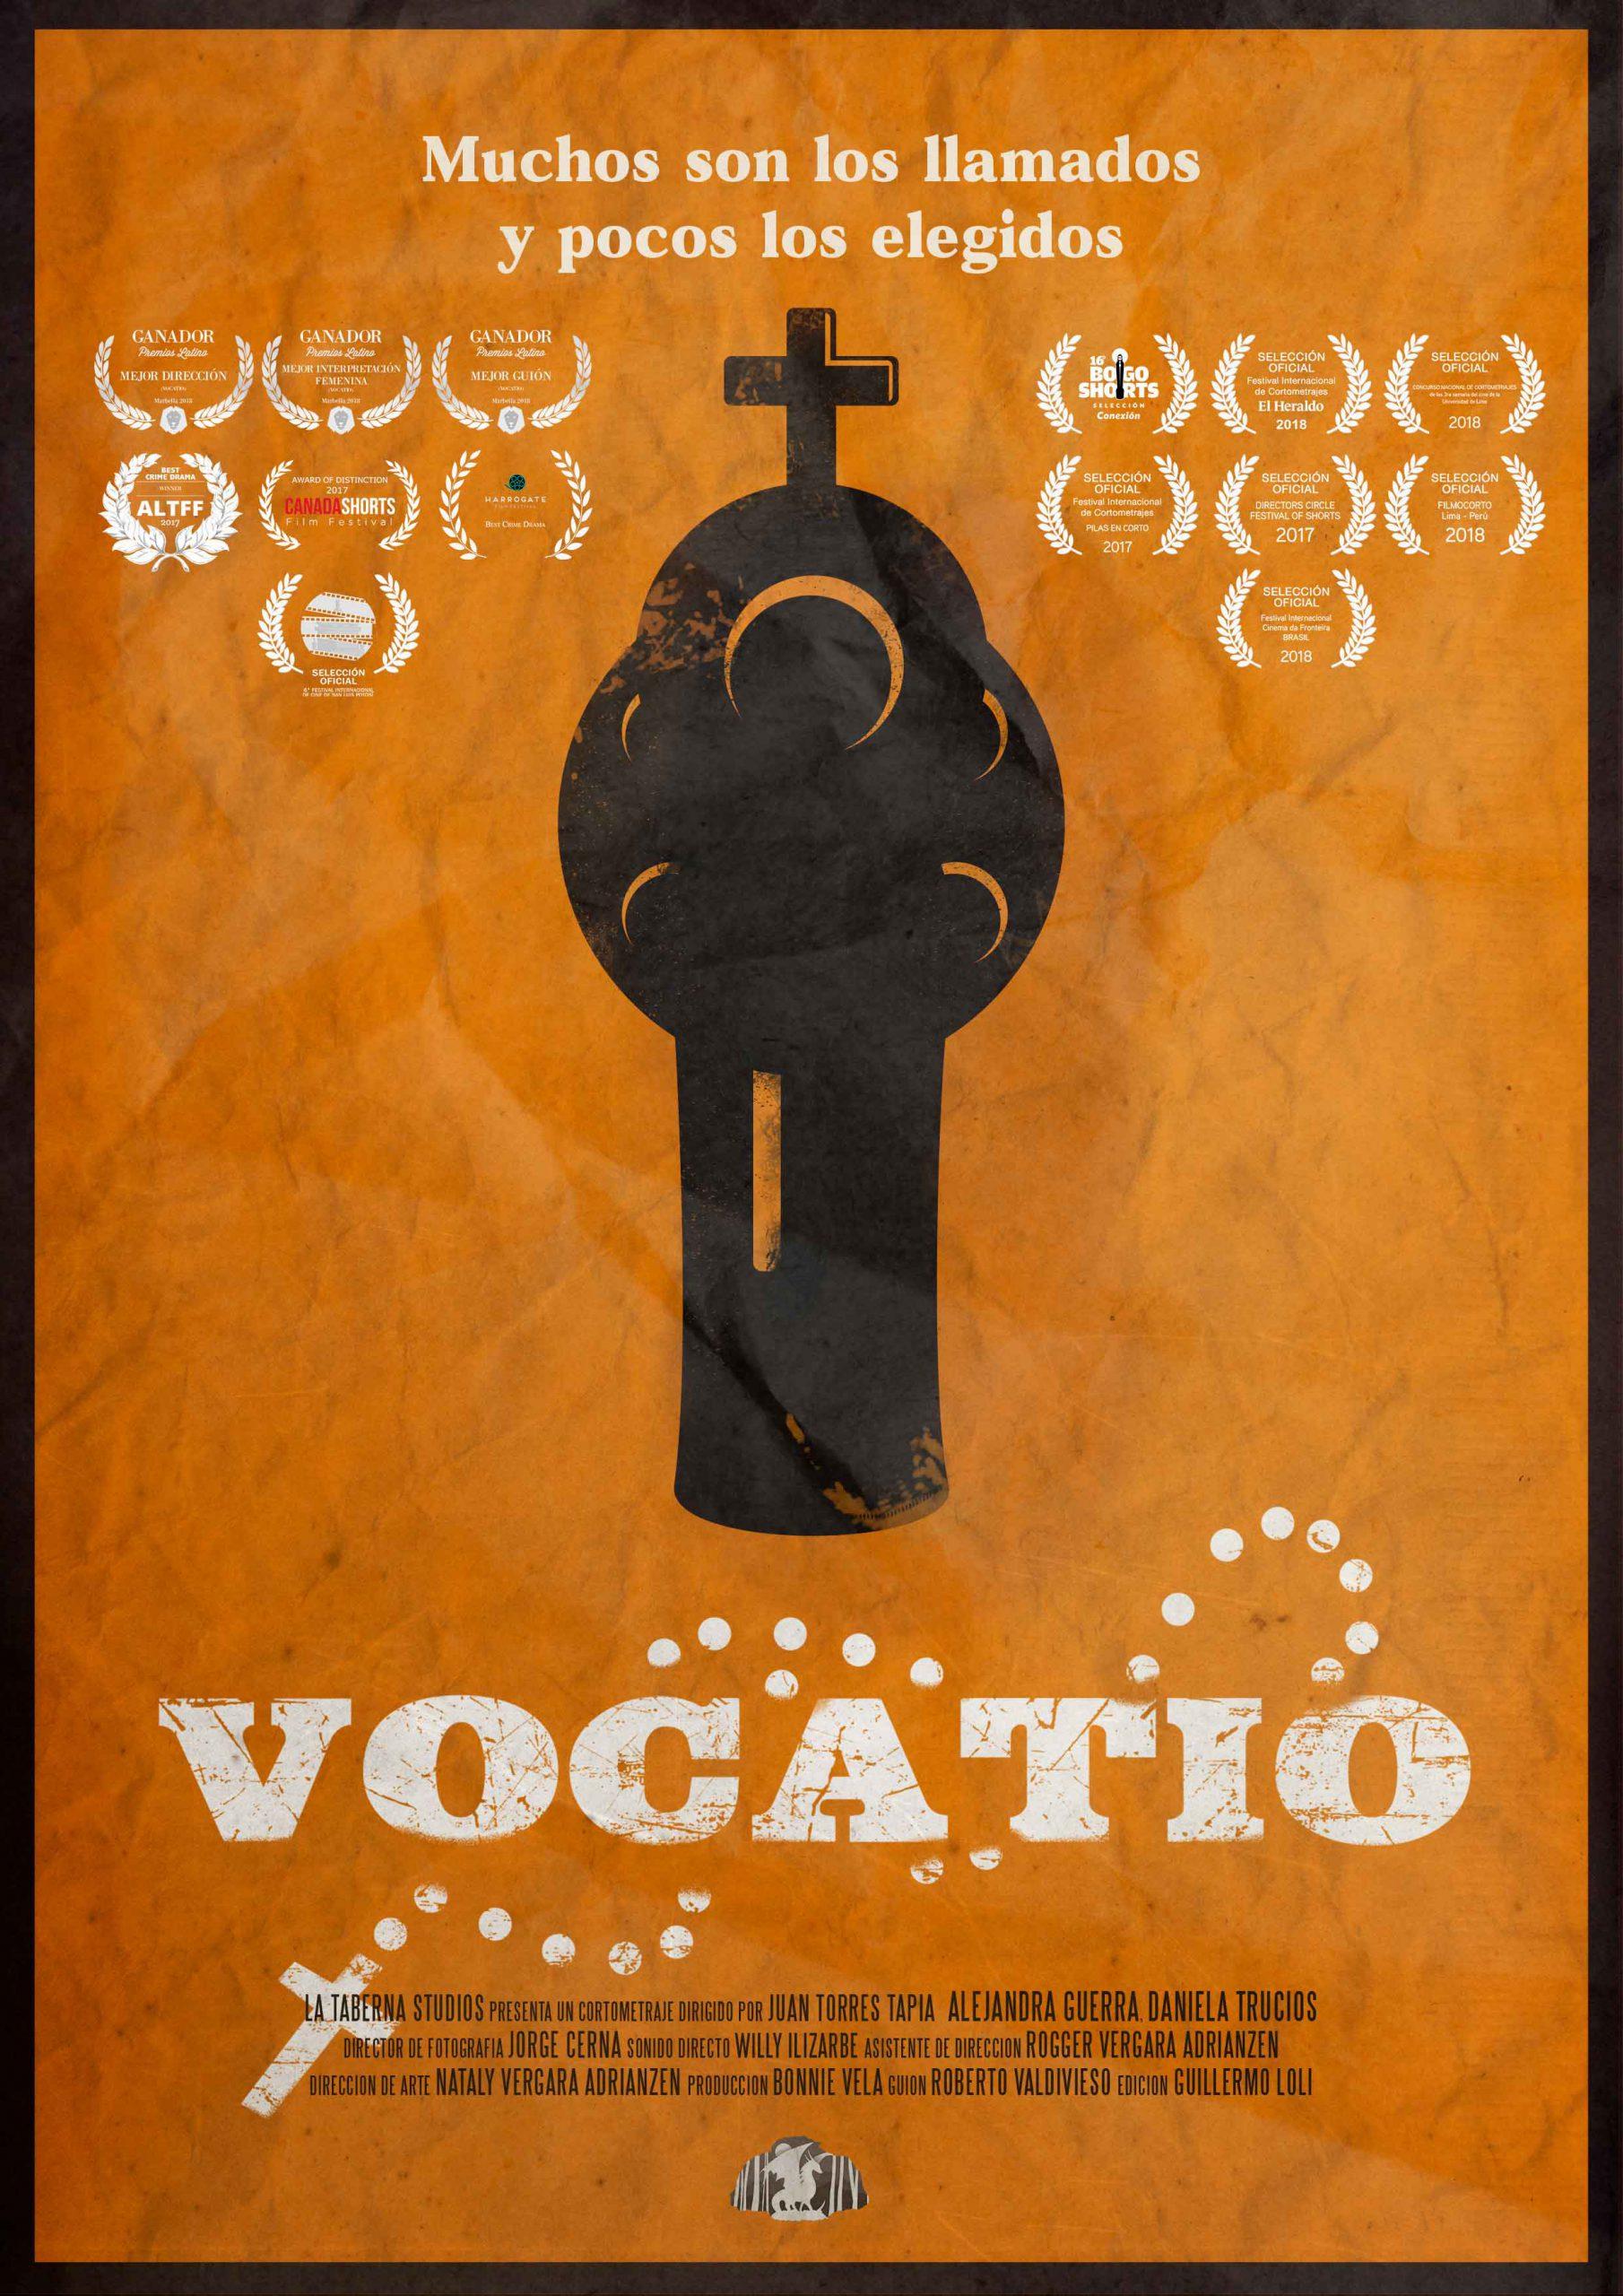 1-Poster_Vocatio(con-premios)-WEB